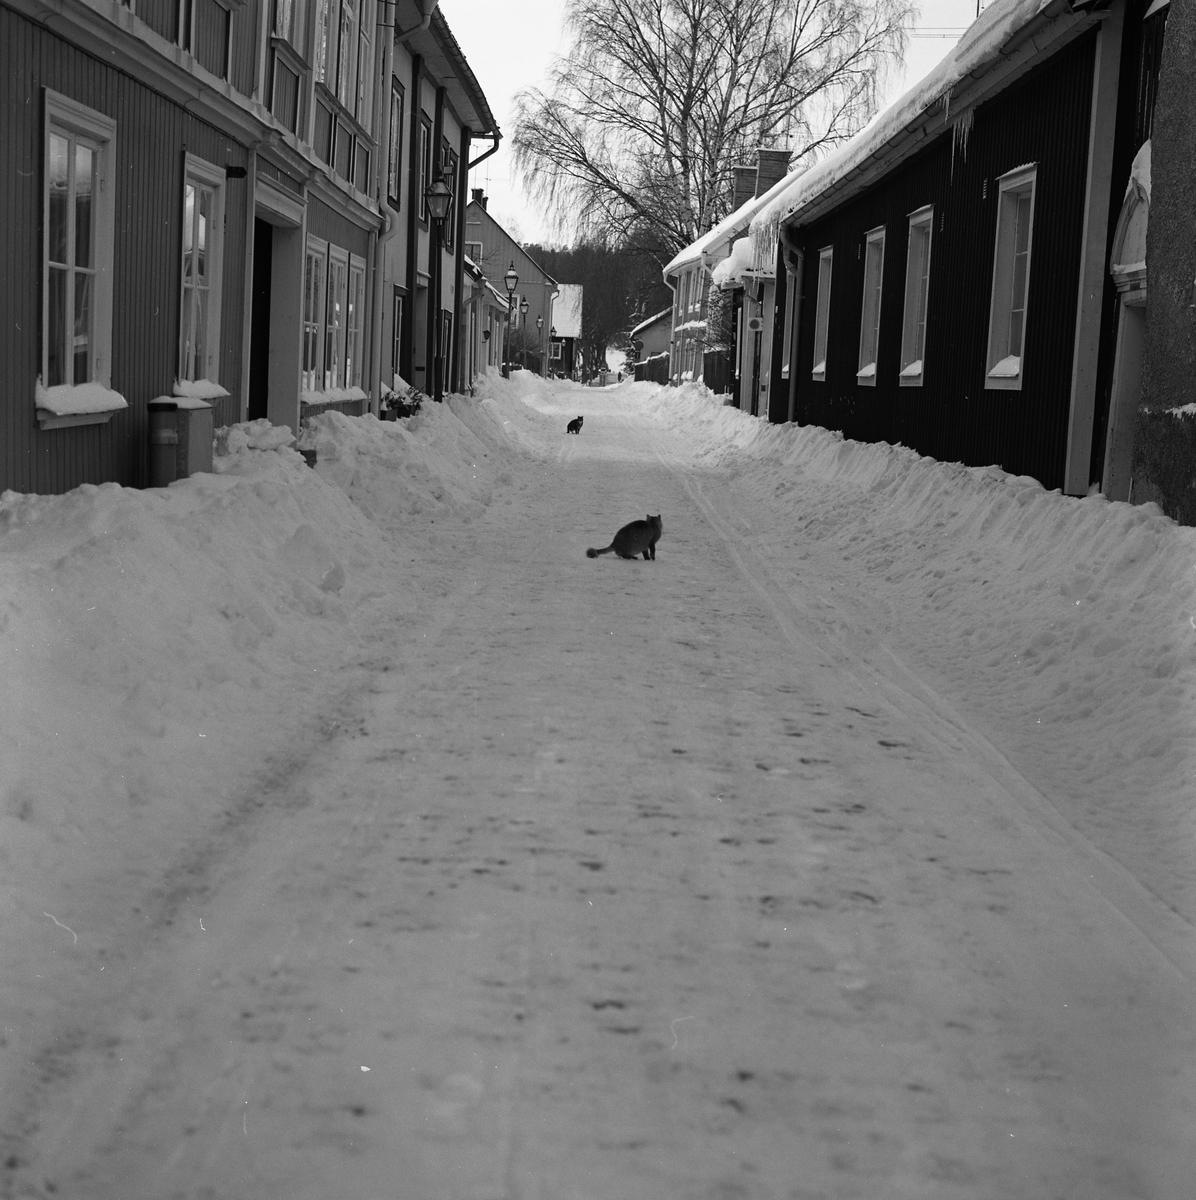 Västerlånggatan i mellandagarna. Två katter är ute i snön.